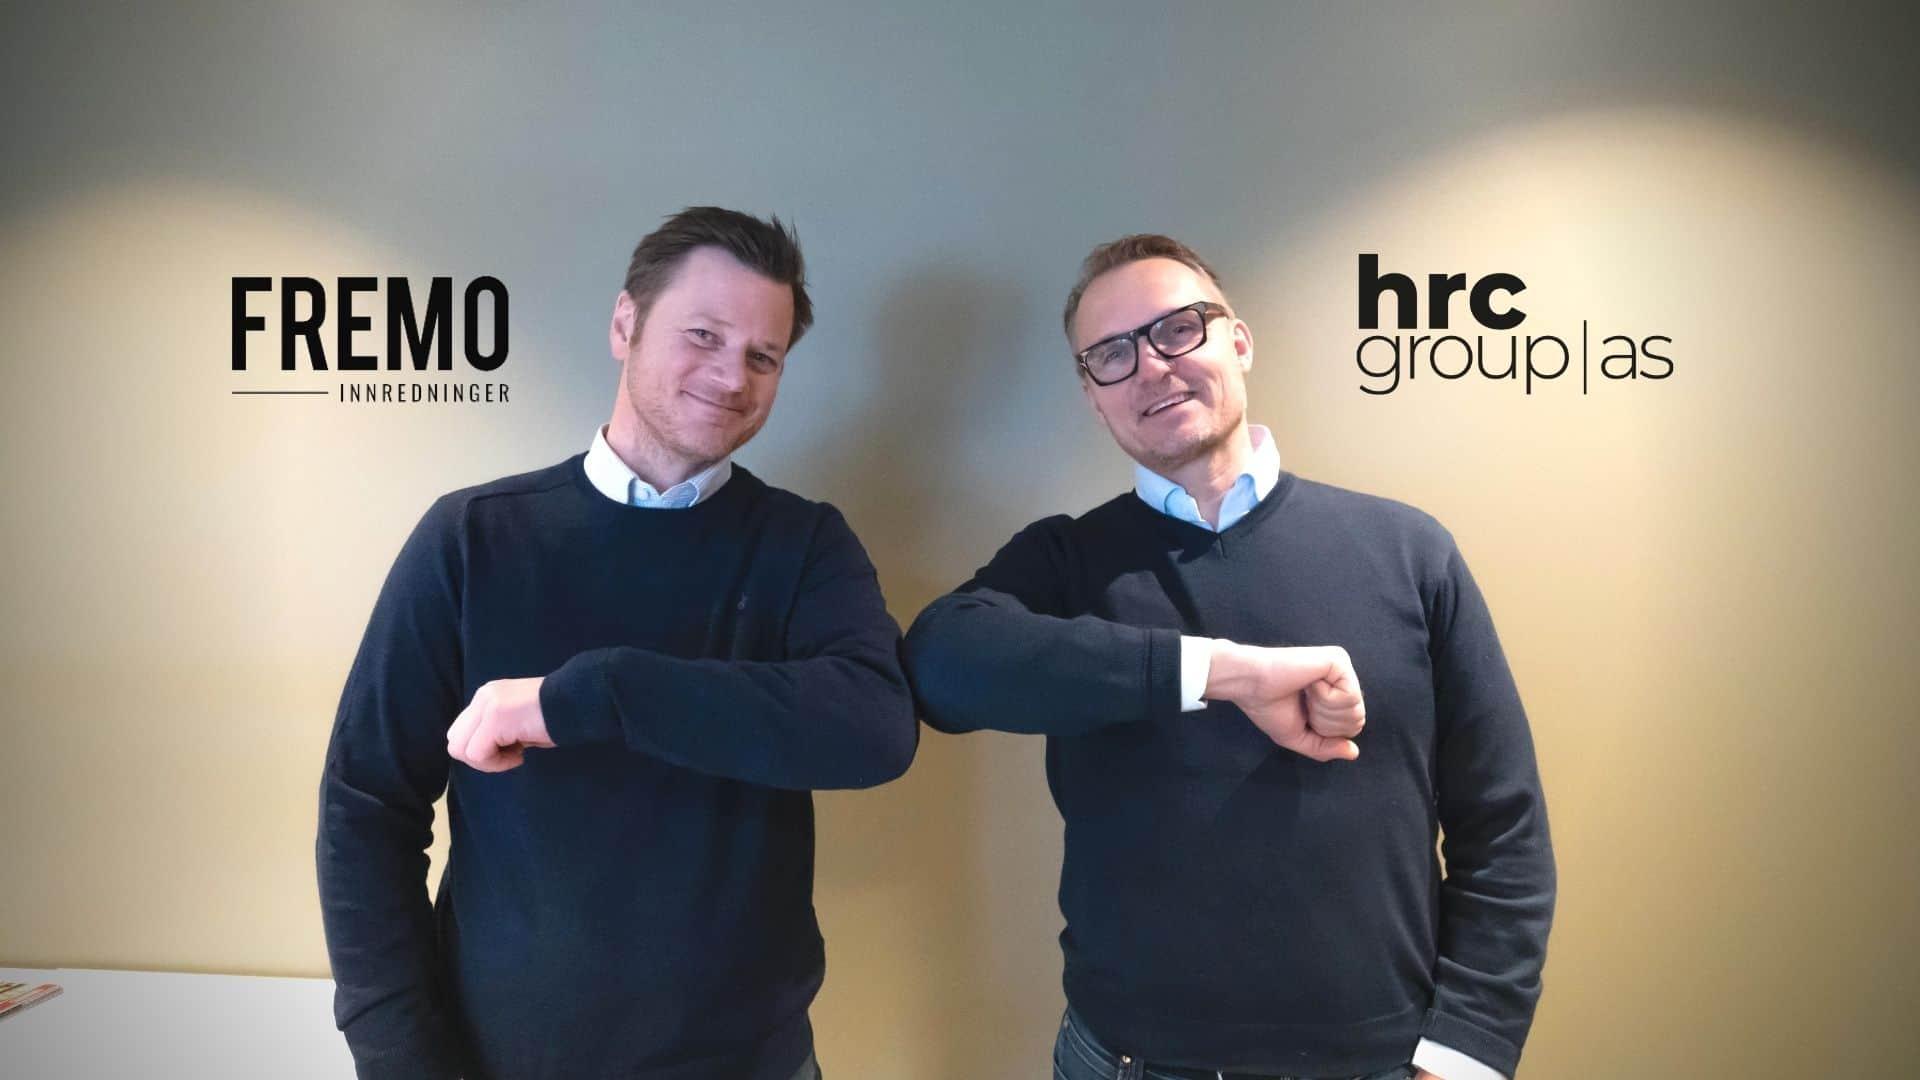 HRC Group kjøper Fremo Innredninger